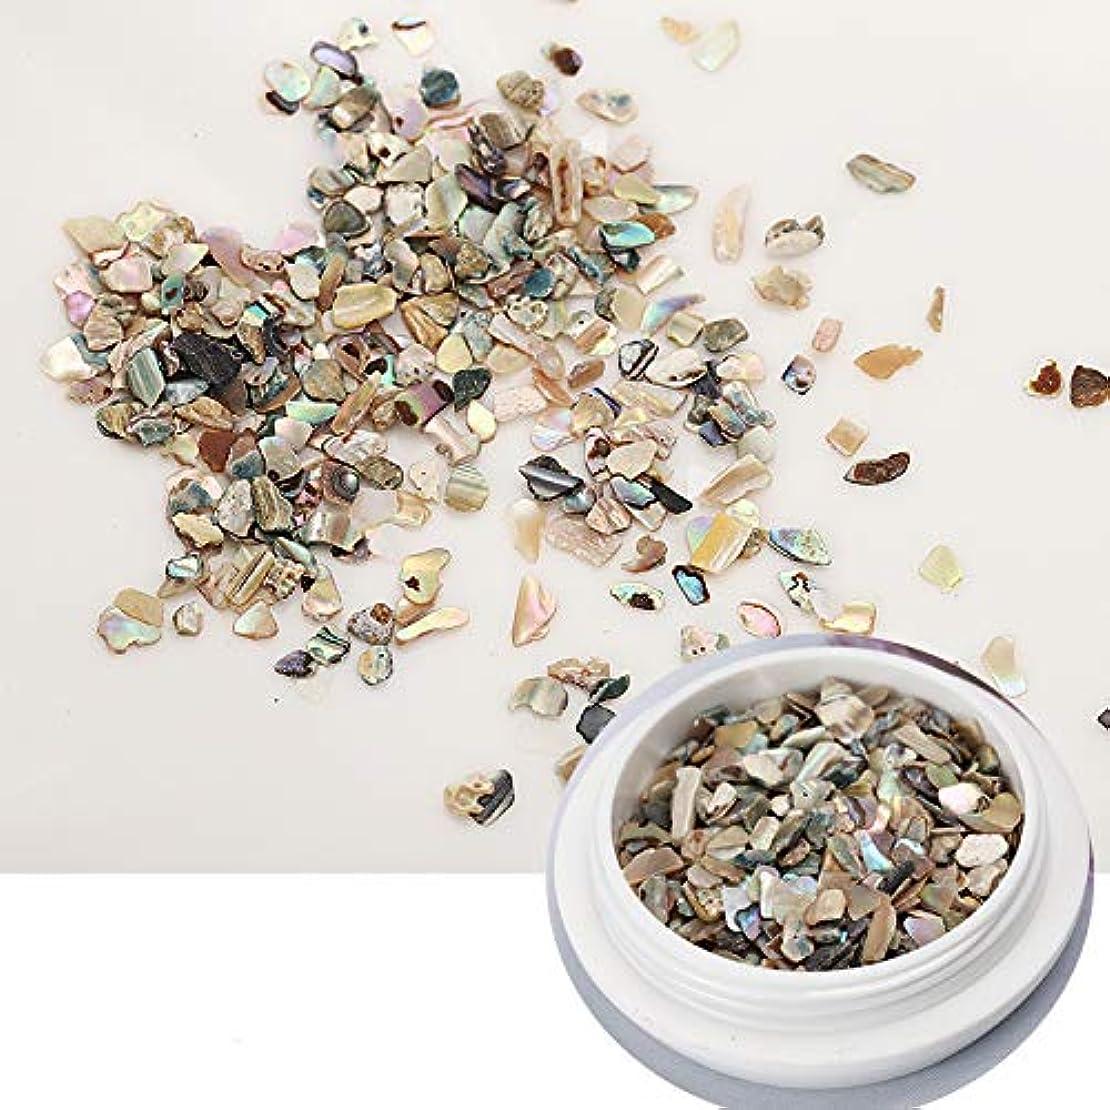 信念無声で振幅ネイル石パーツ ネイル貝殻風 シェル 貝 レジン ジェルネイル ネイルアート ネイルパーツ (2)